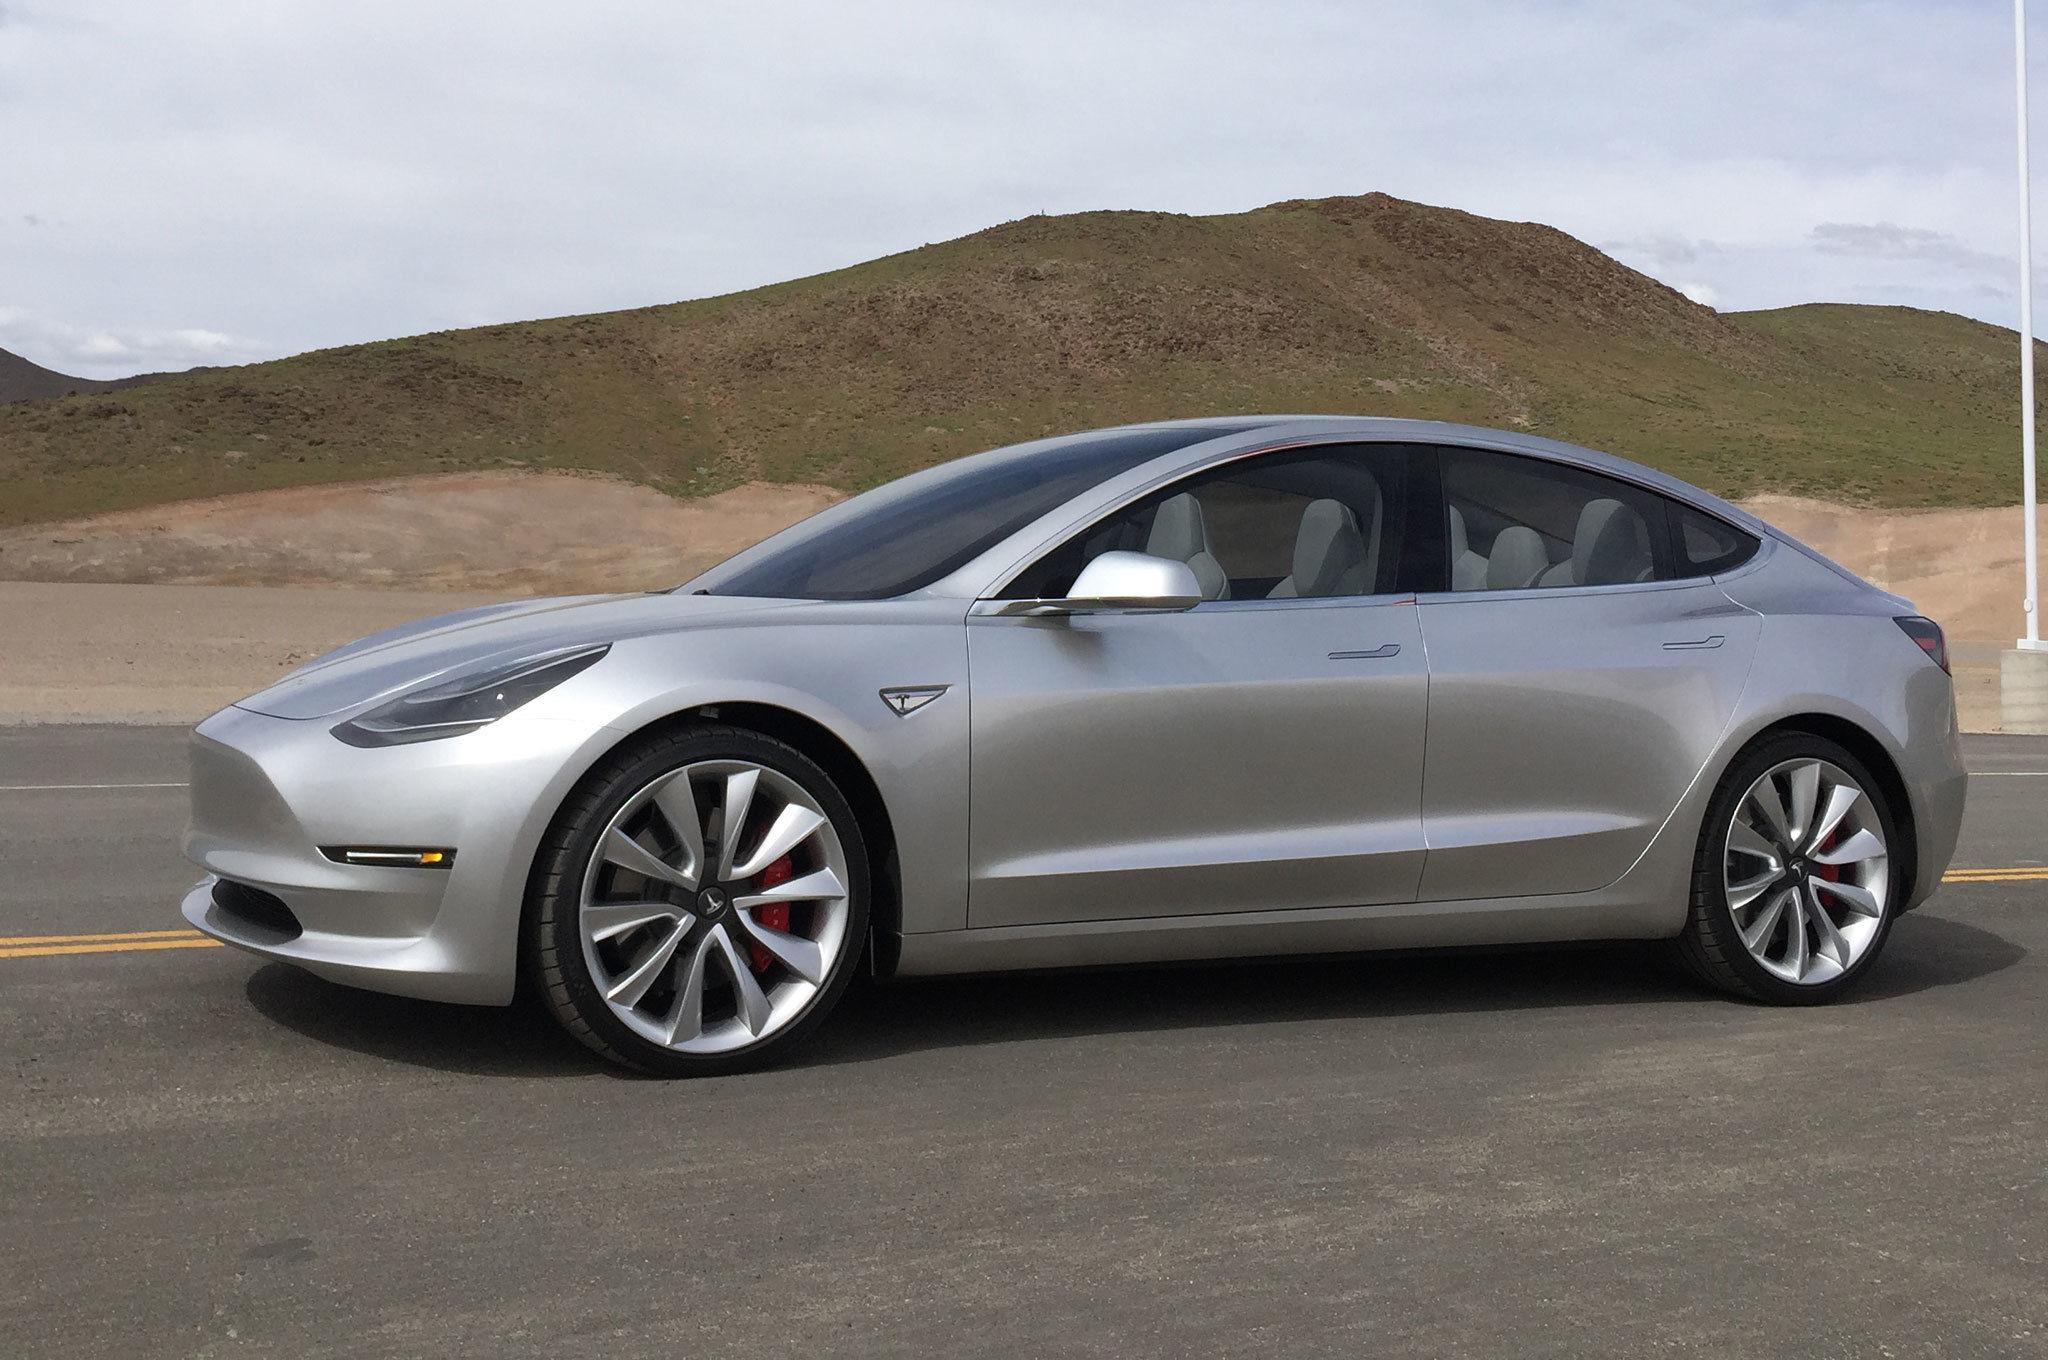 Tesla-Model-3-side-view.jpg